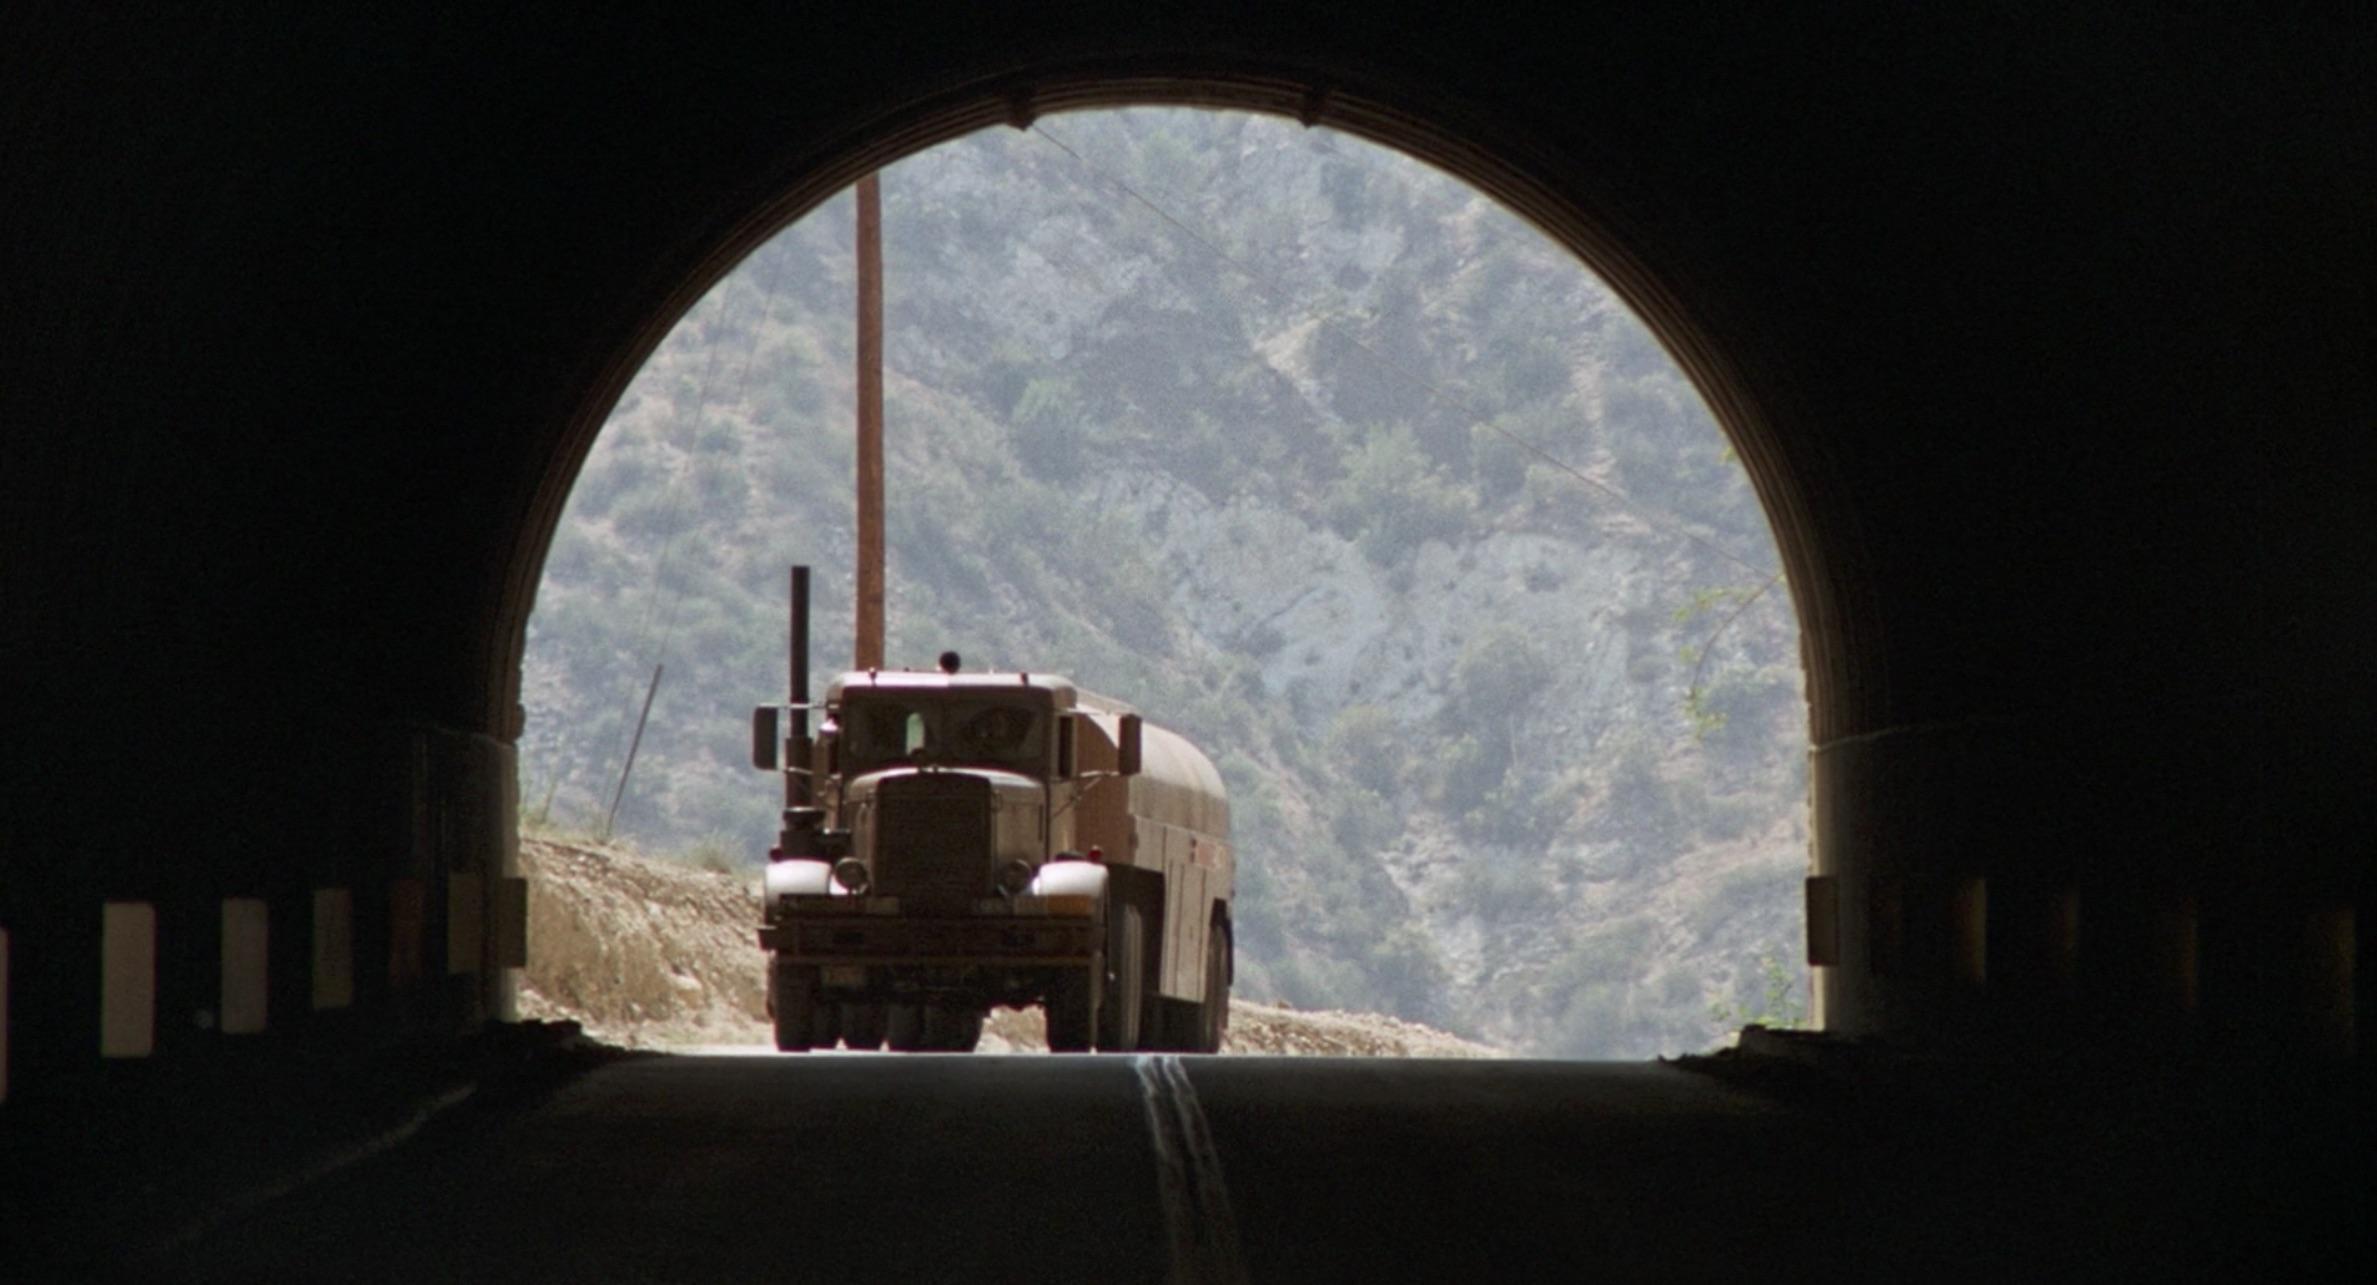 1955 Peterbilt 281 tanker driving through a tunnel